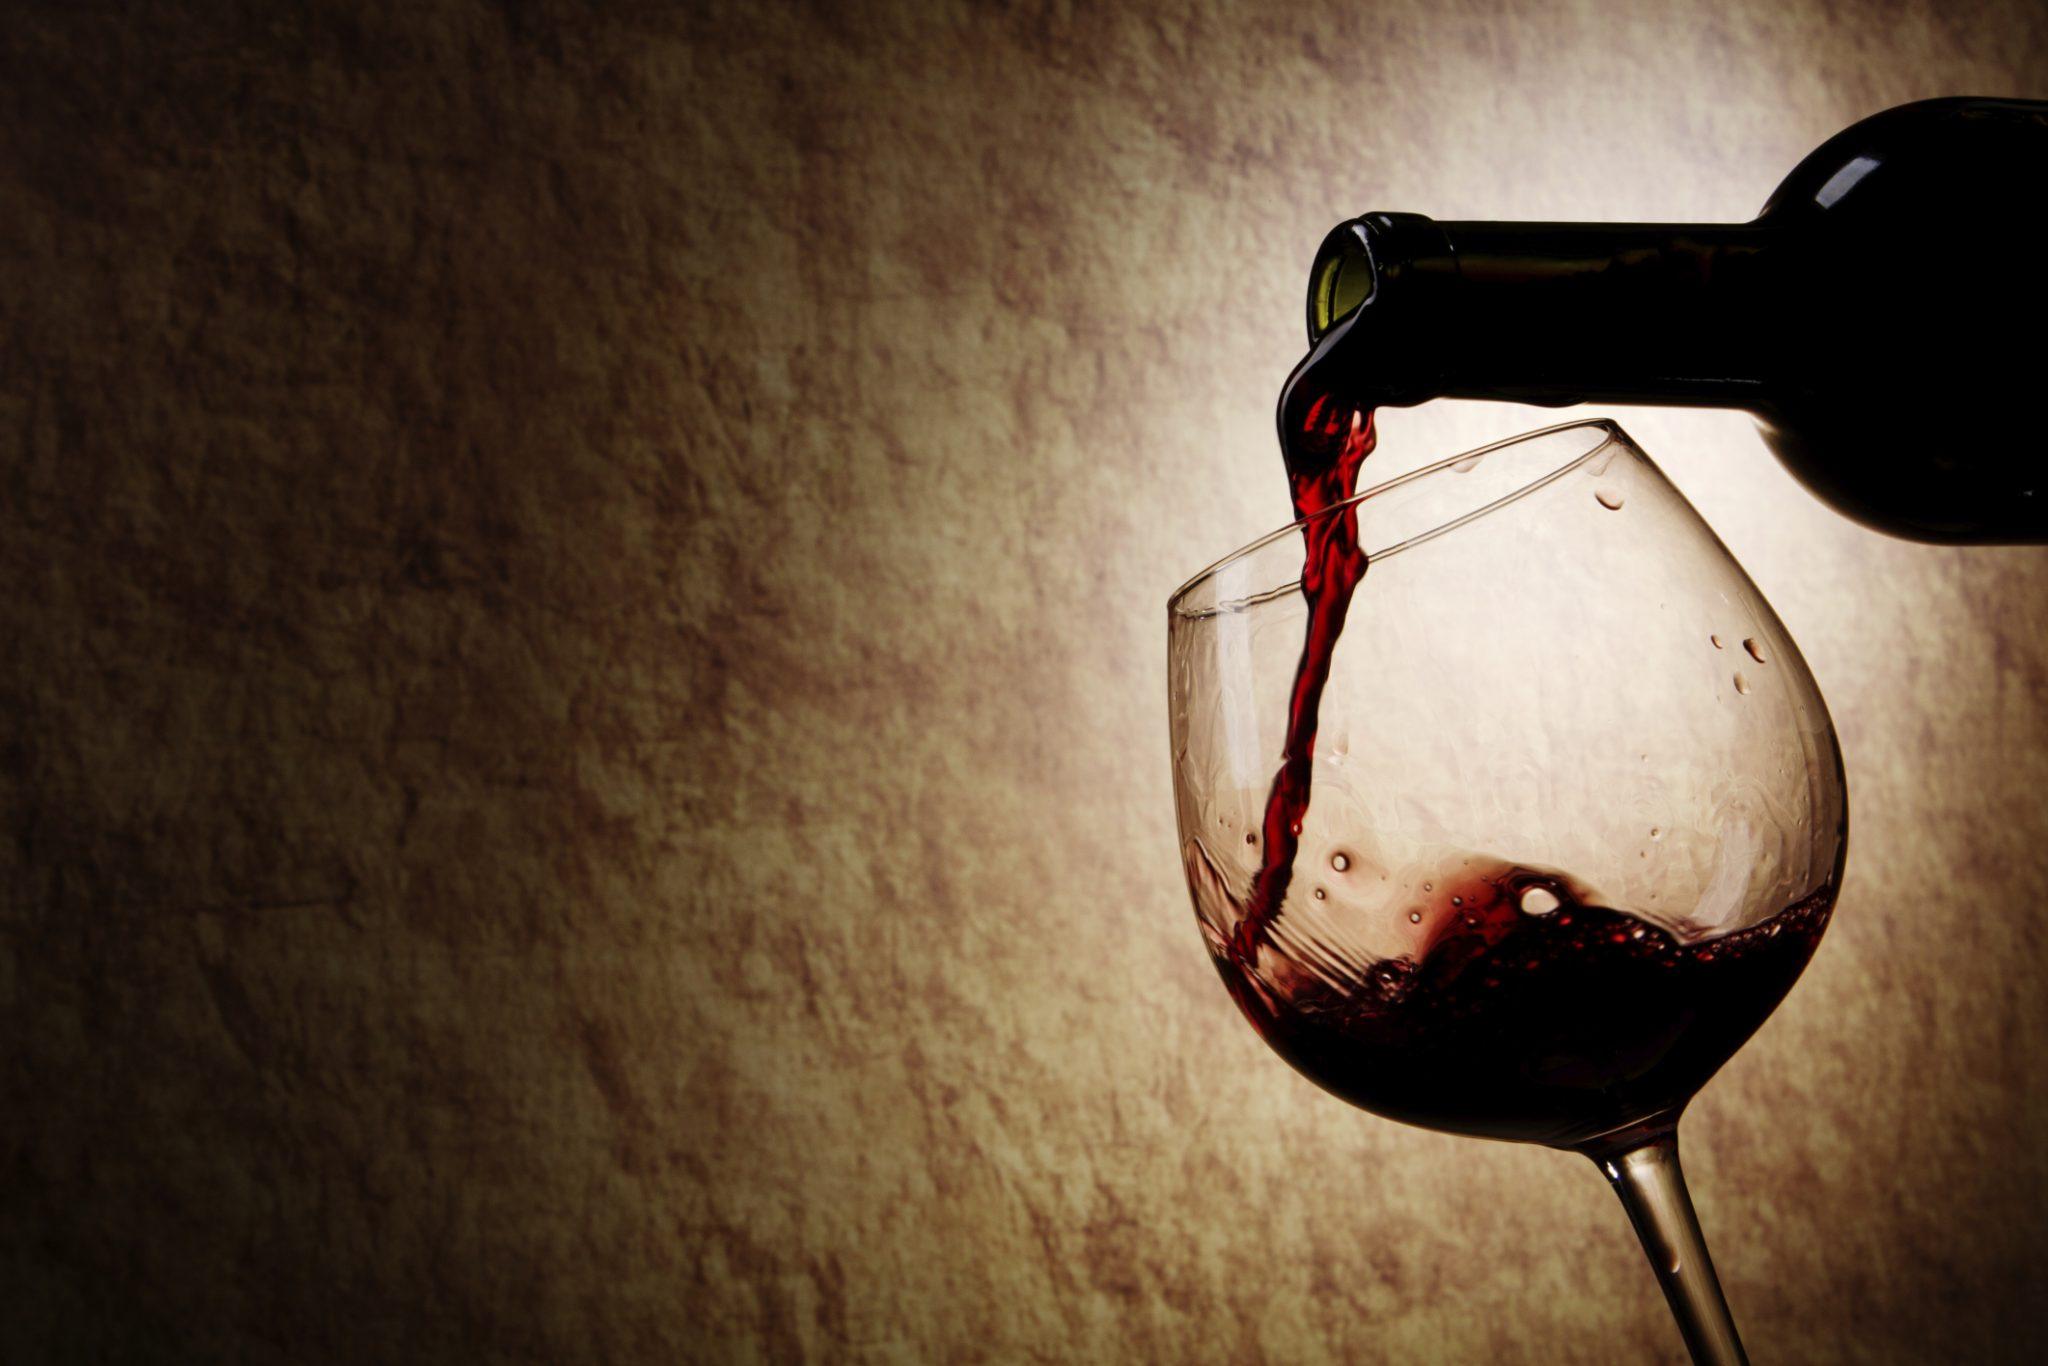 vinhos alexandre taleb 2 - Qual melhor vinho para cada estação?